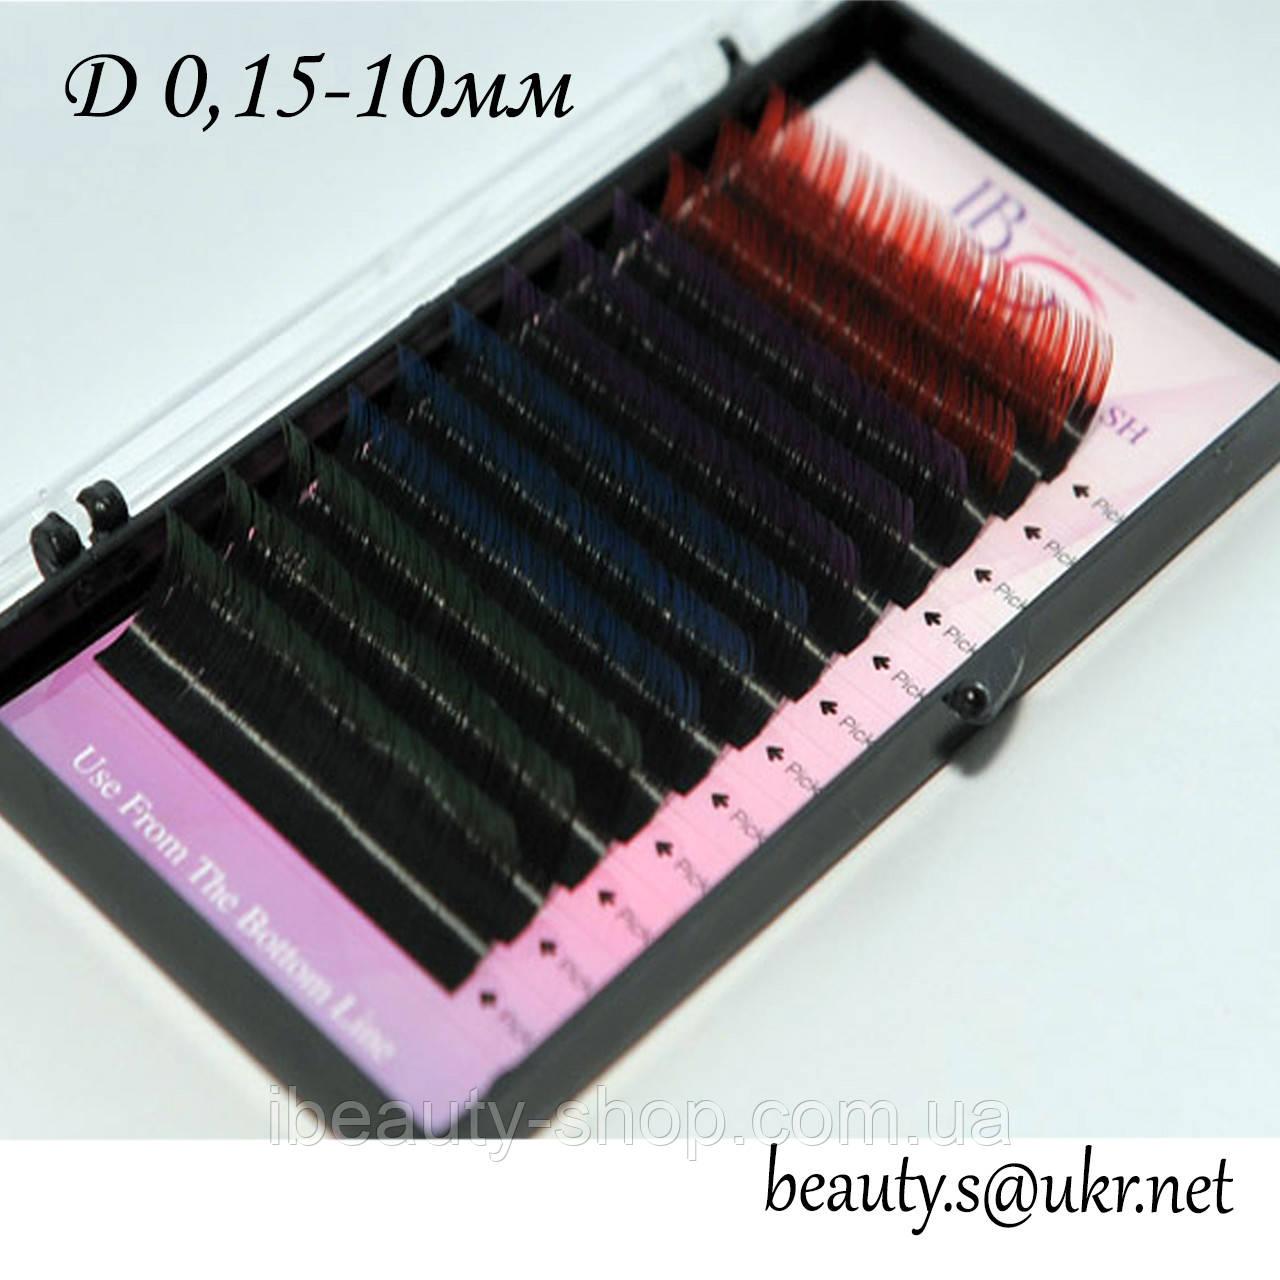 Вії I-Beauty, Д 0,15-10мм,кольорові кінці,4 кольори